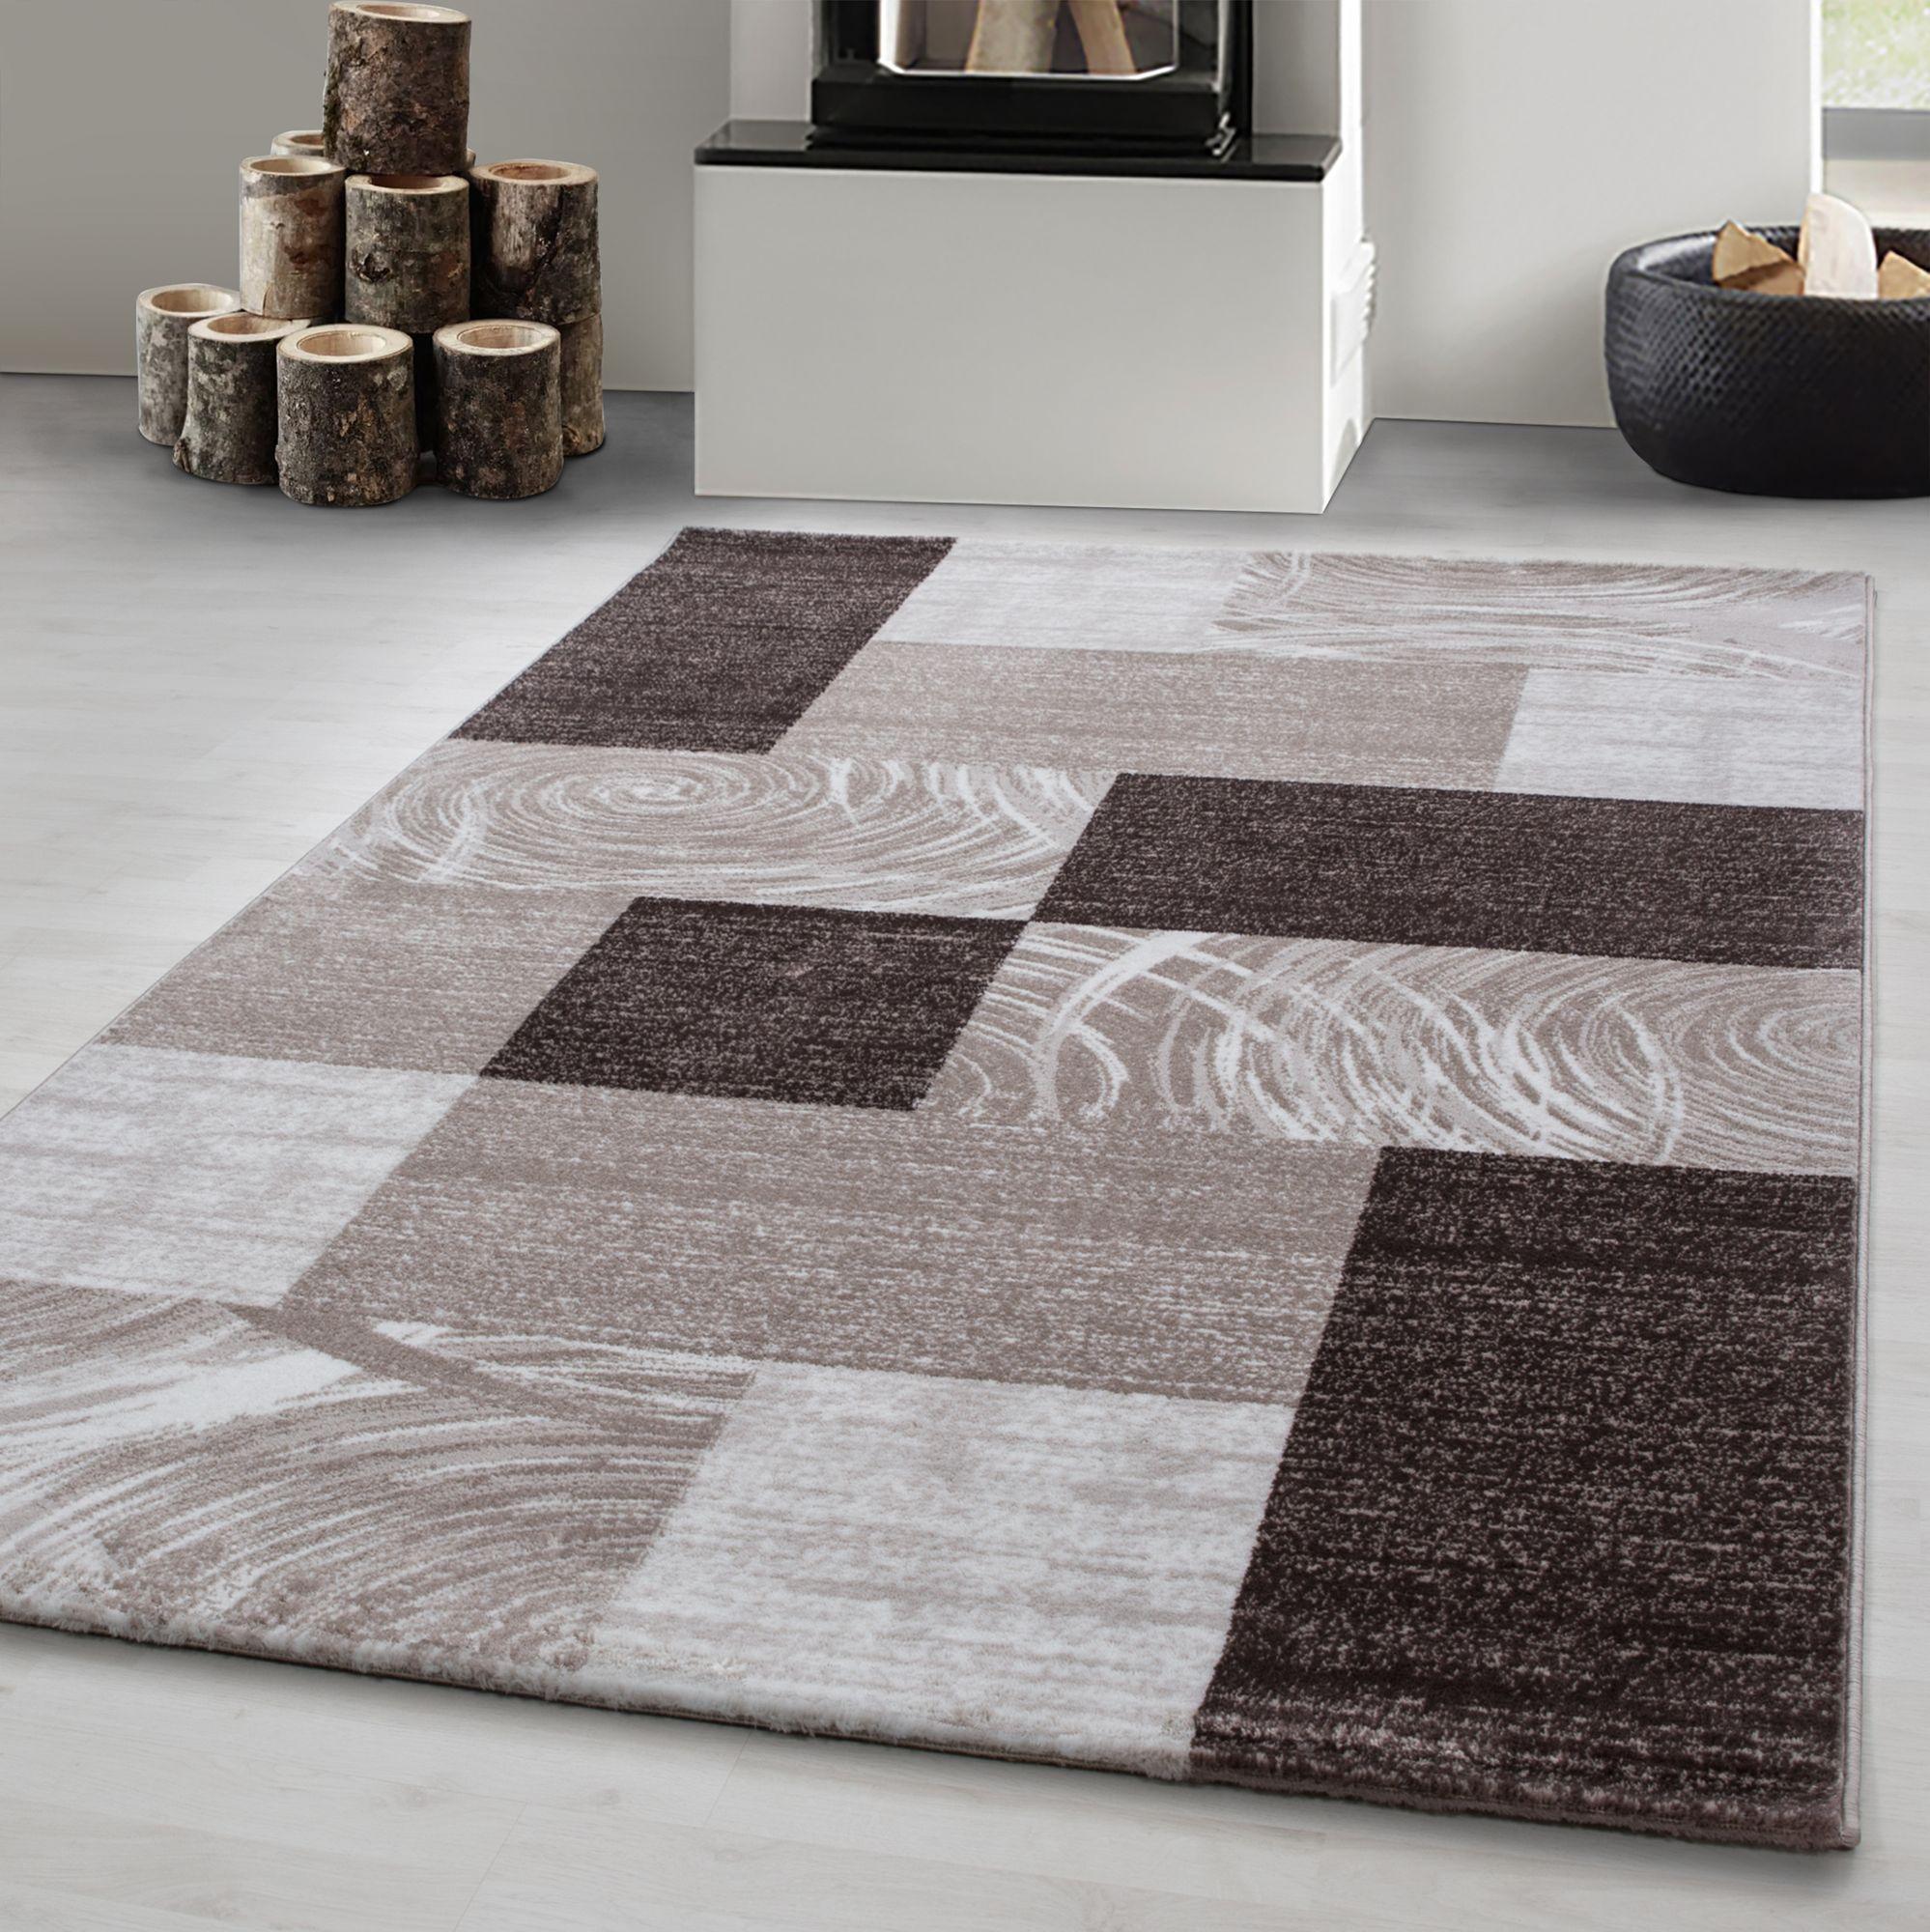 Teppich Modern Designer Wohnzimmer Abstrakt Kariert Muster Braun Beige Creme